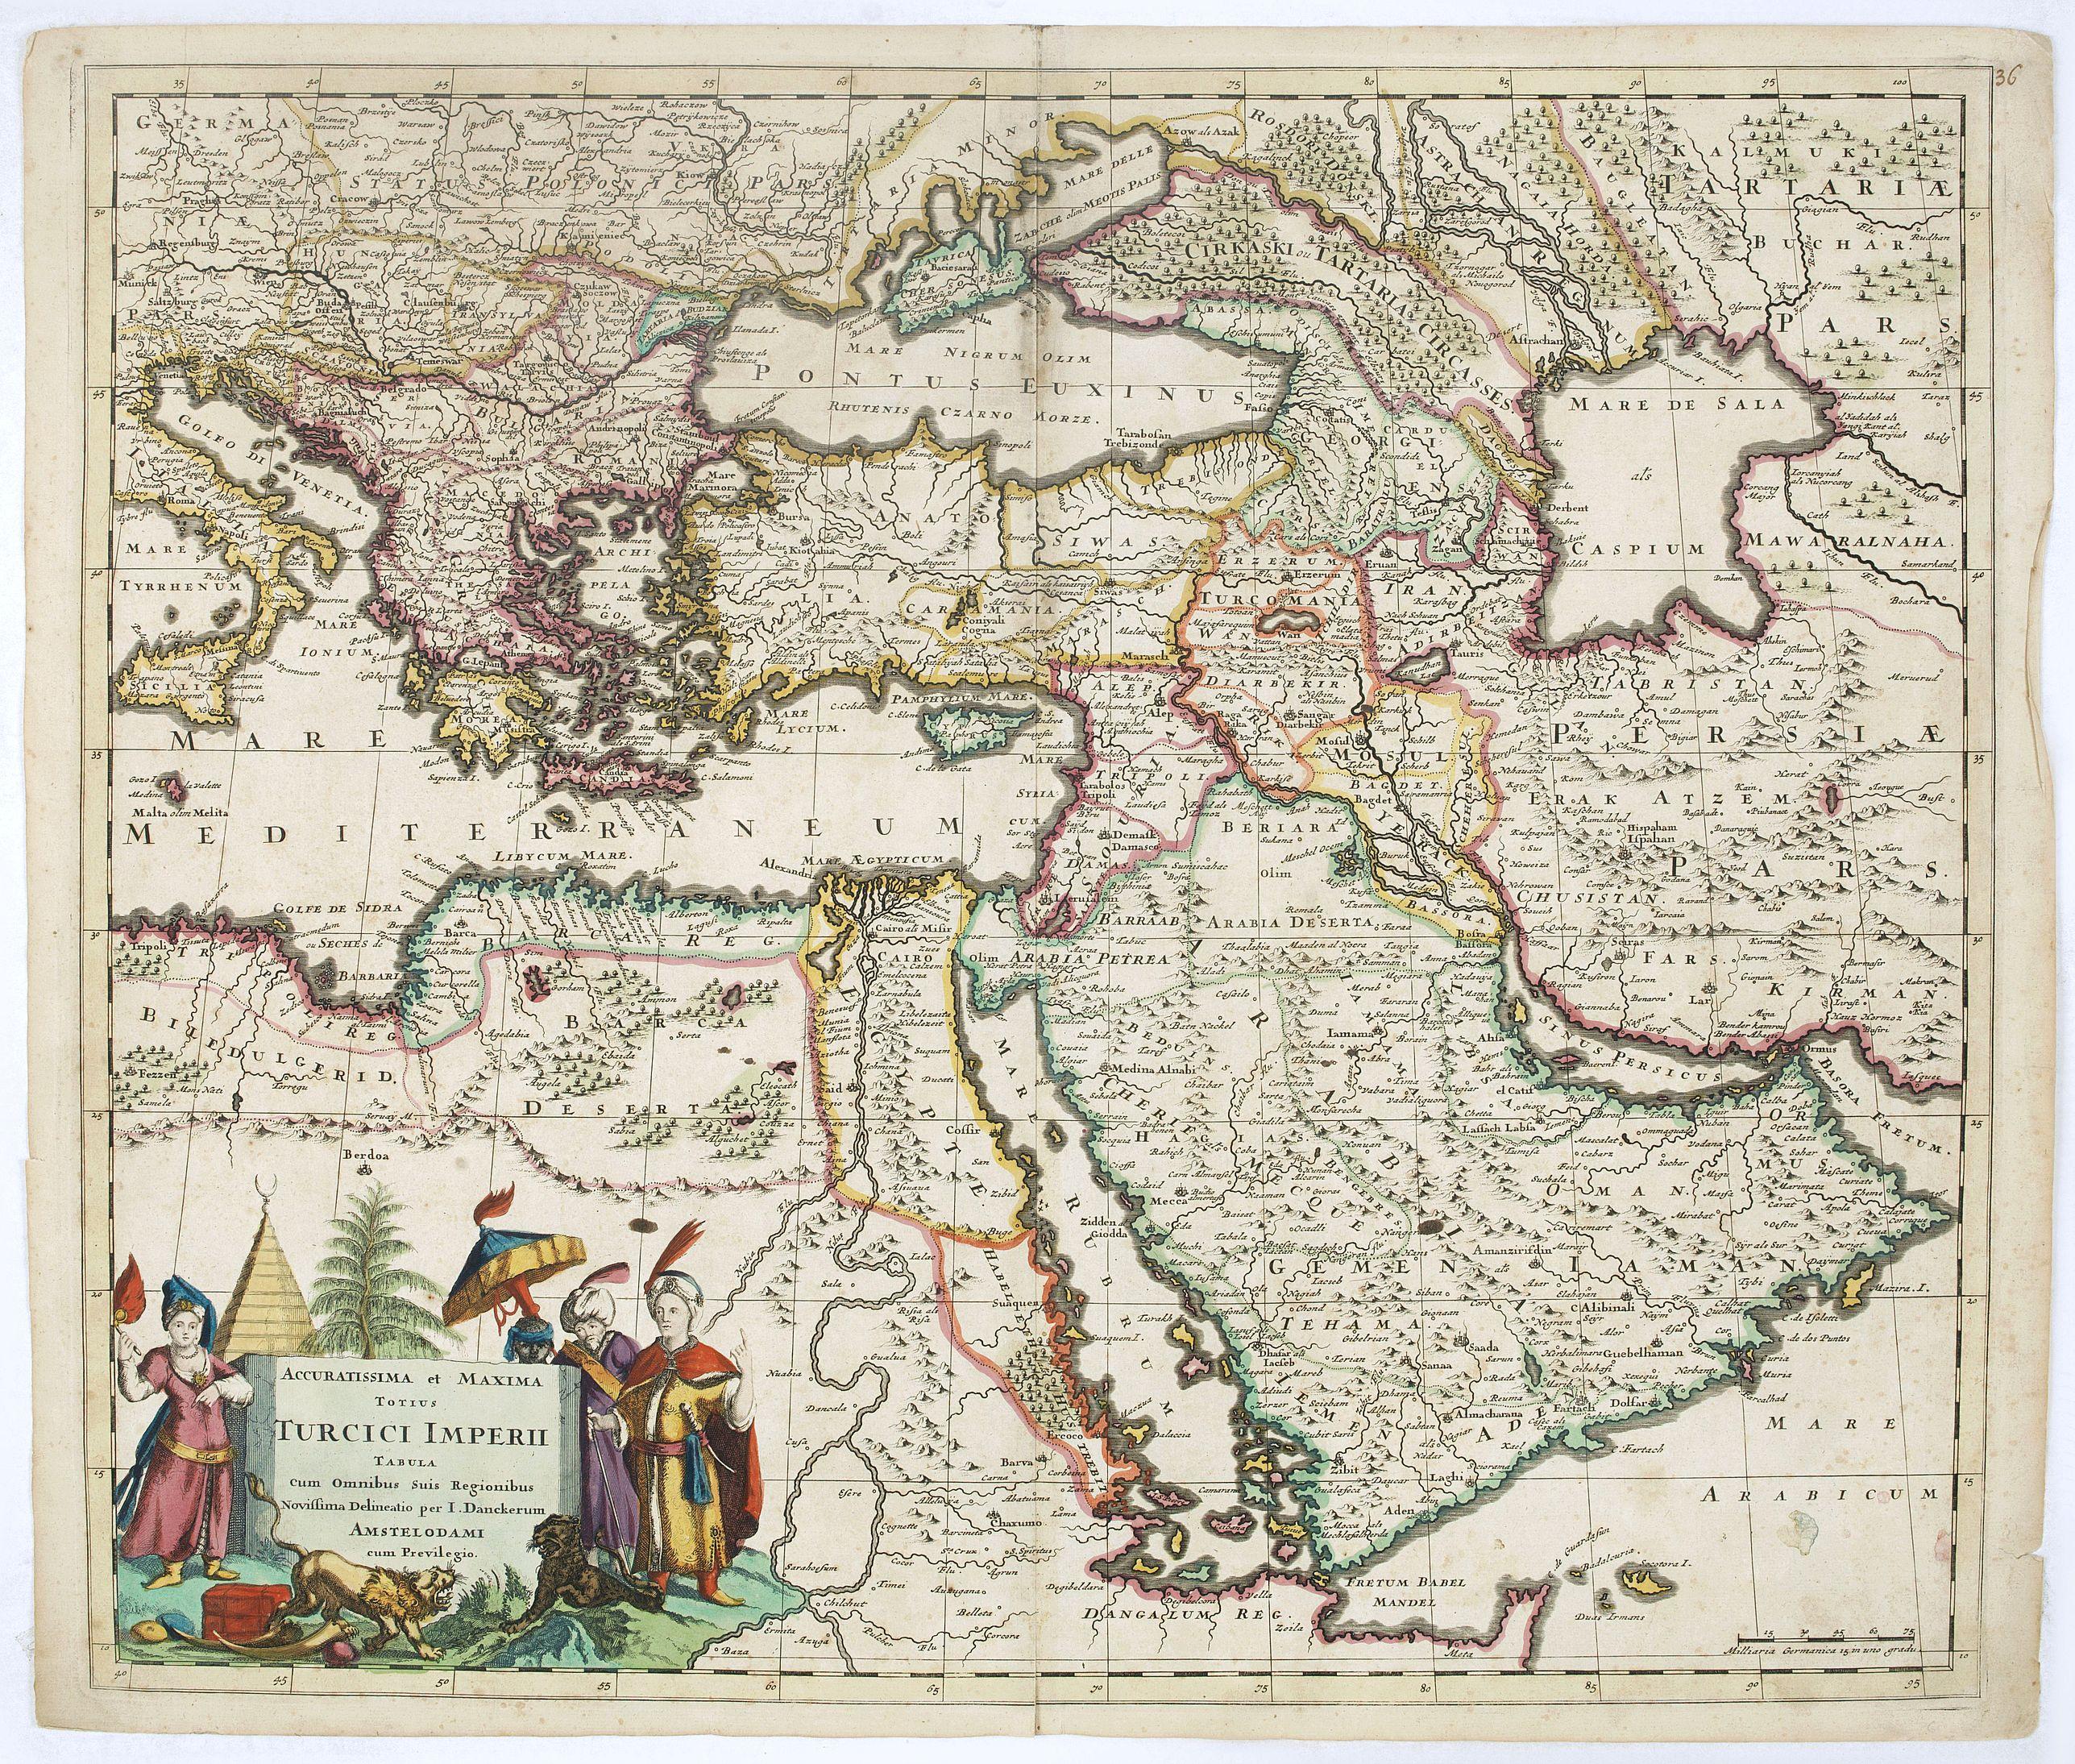 DANCKERTS, T. -  Accuratissima et maxima totius Turcici Imperii..